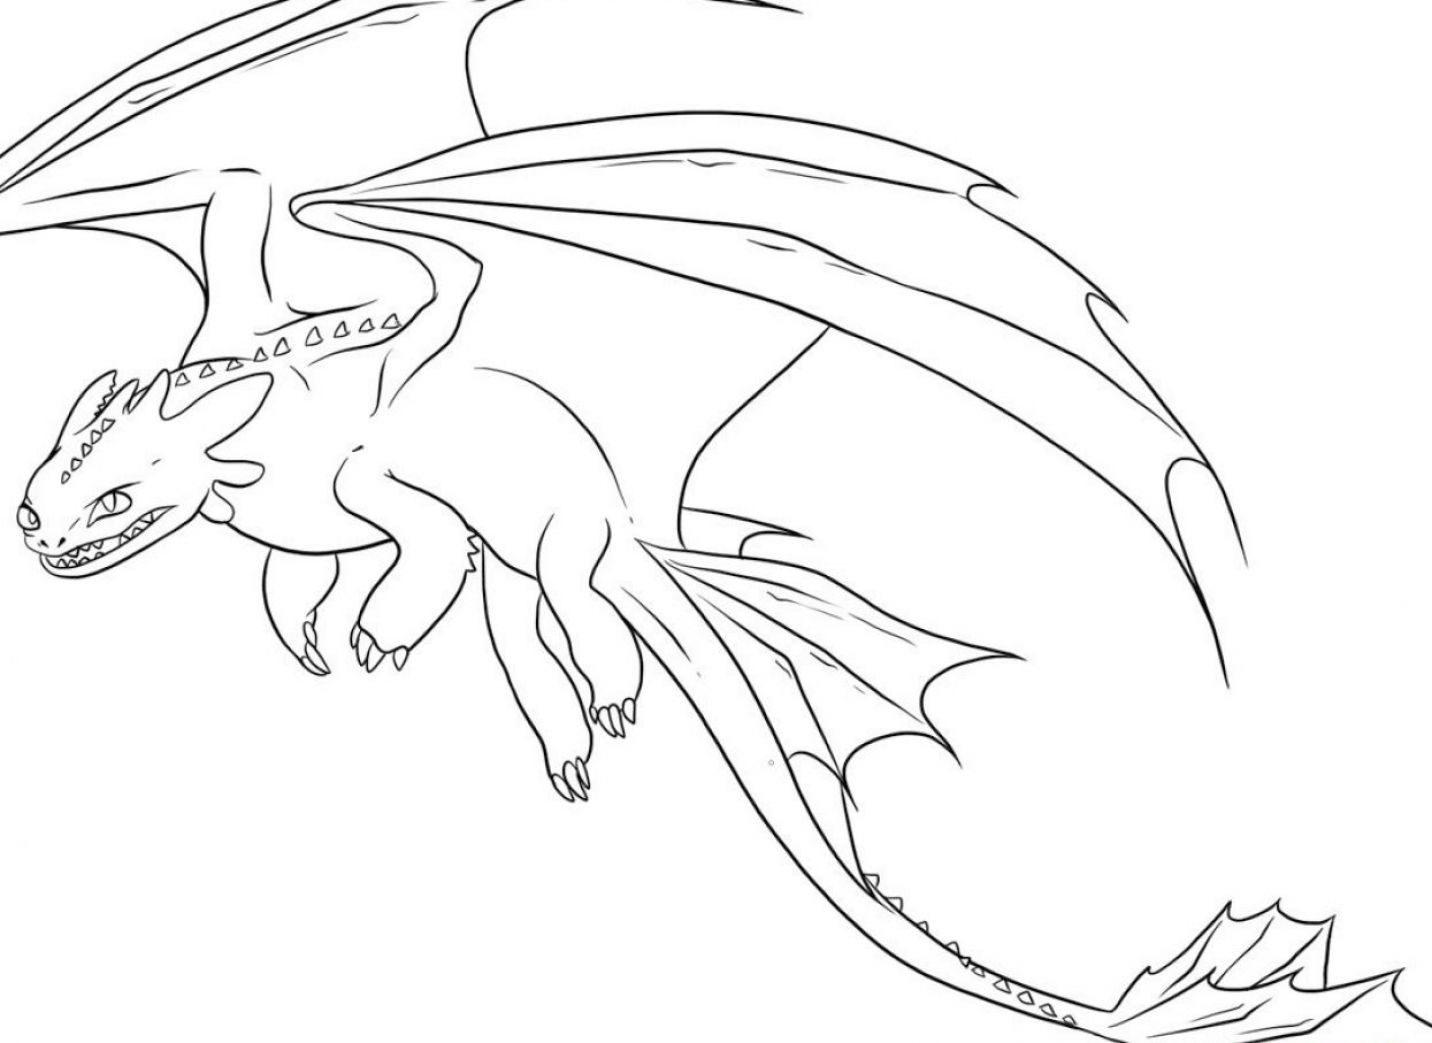 Galera de imgenes Dibujos de dragones para colorear